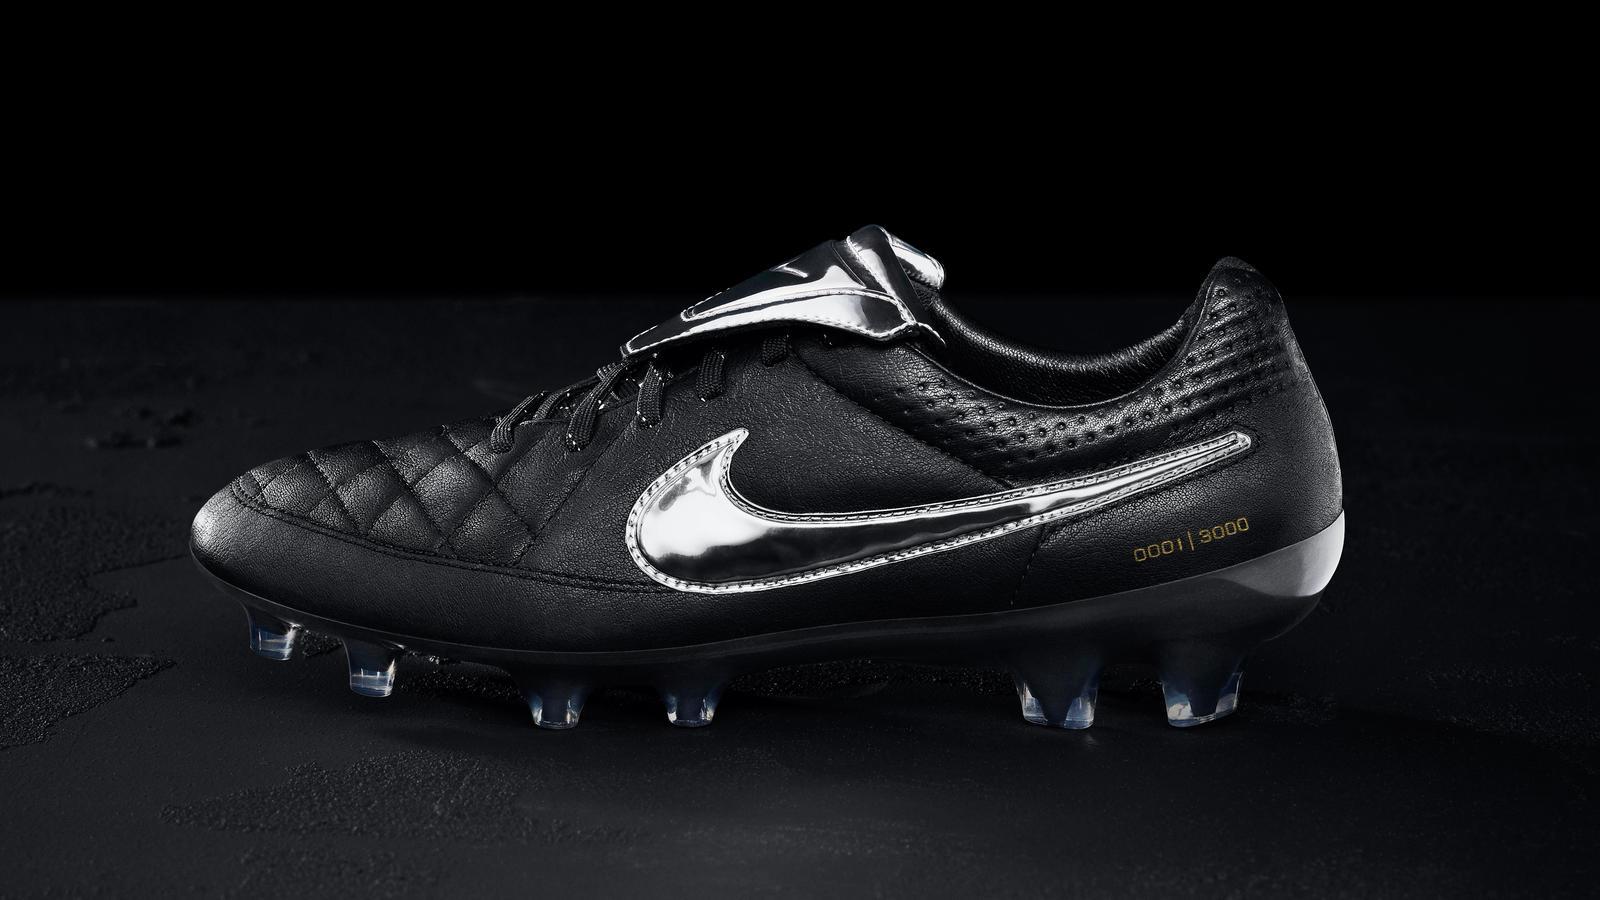 les nouvelles chaussures nike tiempo legend v premium de francesco totti disponible  u00e0 3 000